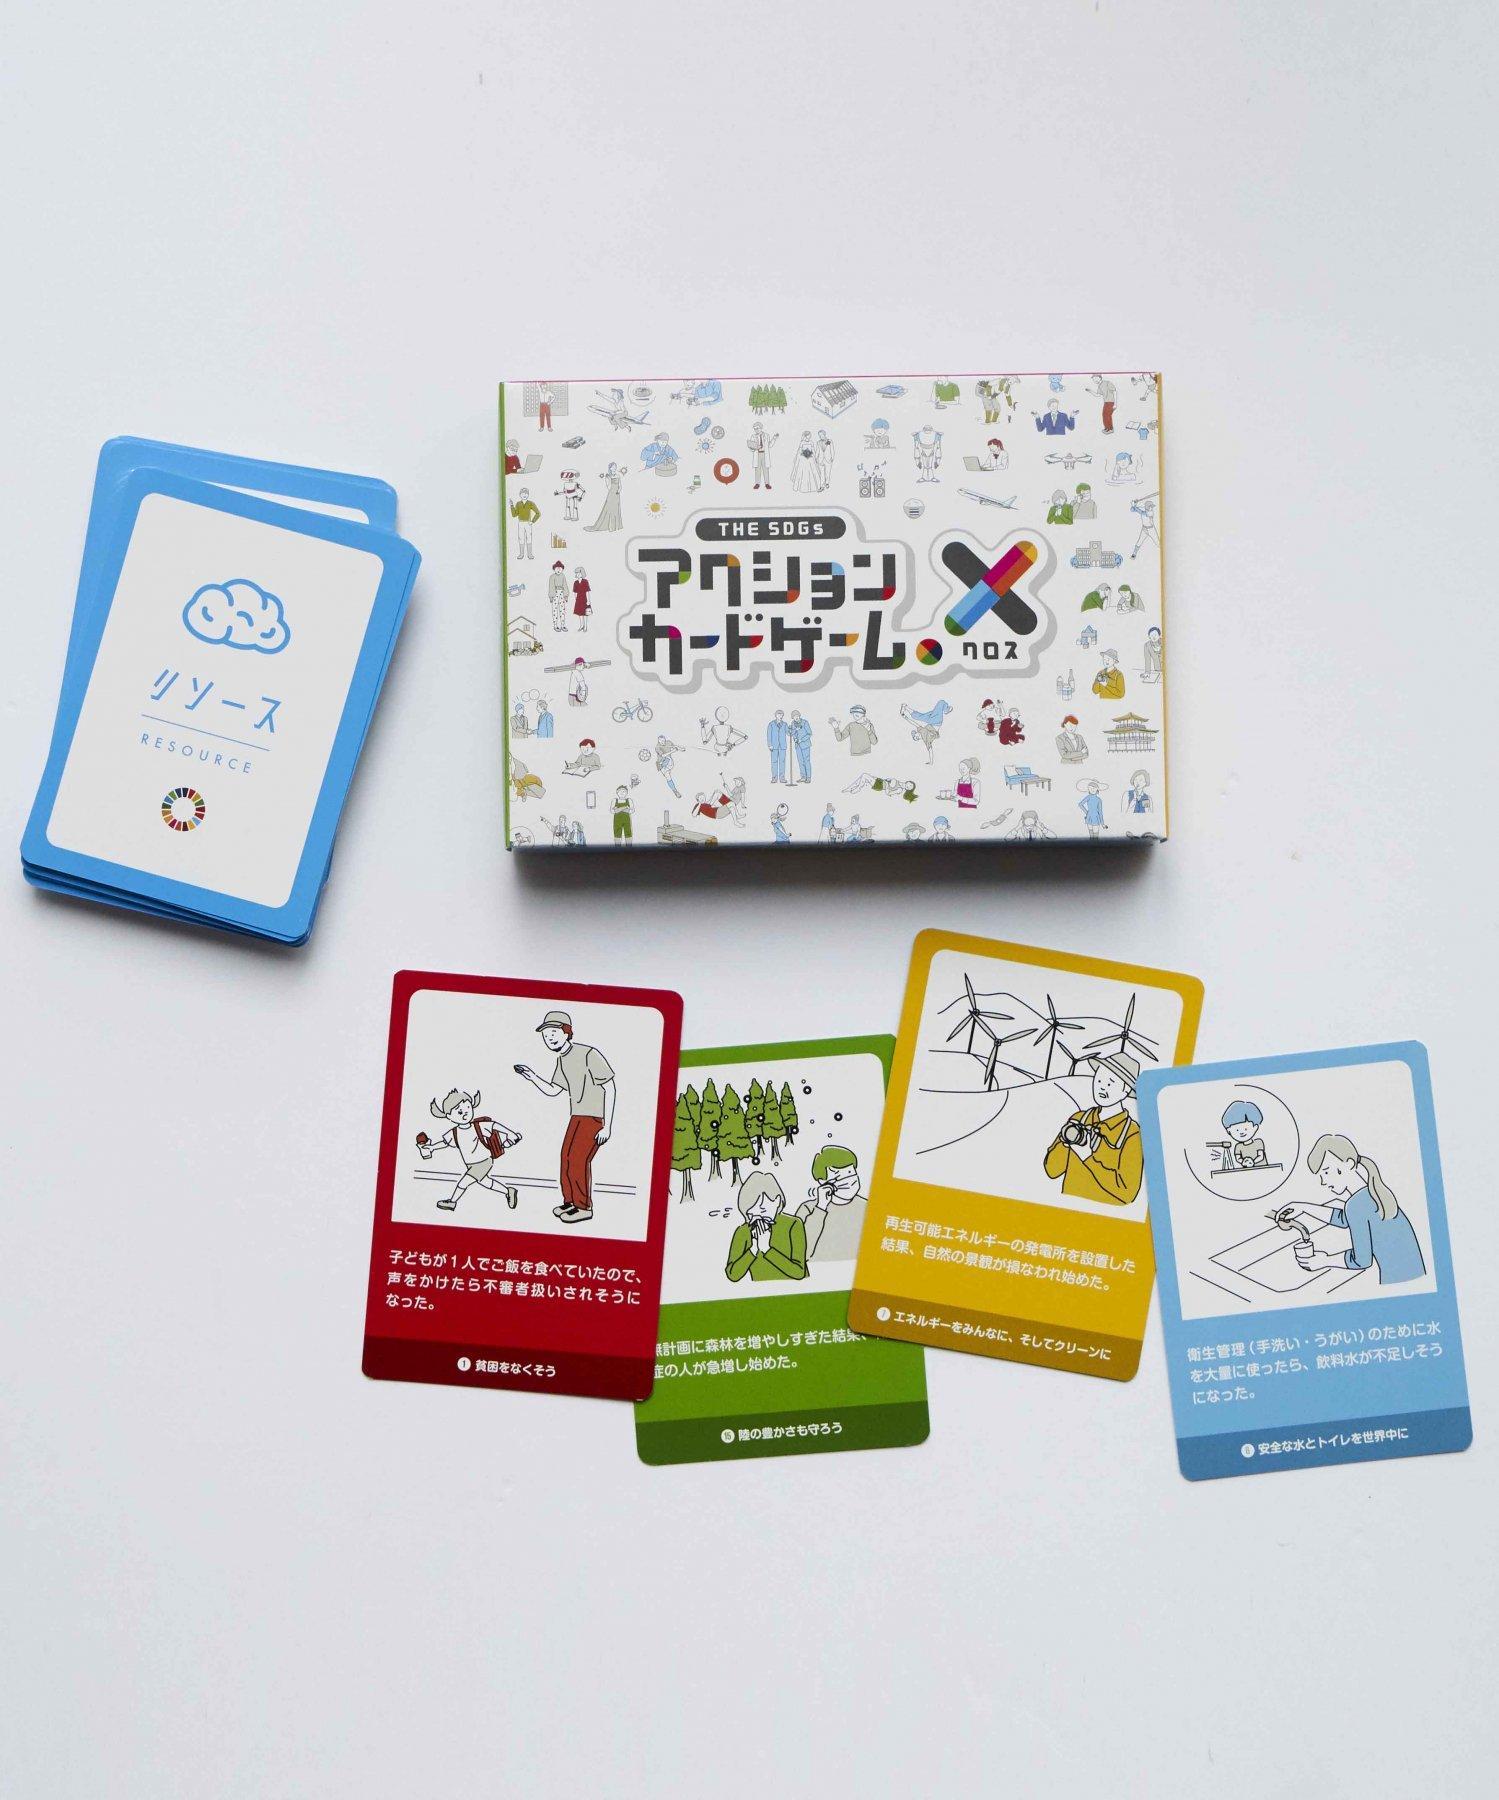 【REBIRTH PROJECT】<日本語版> THE SDGs アクションカードゲーム X(クロス)